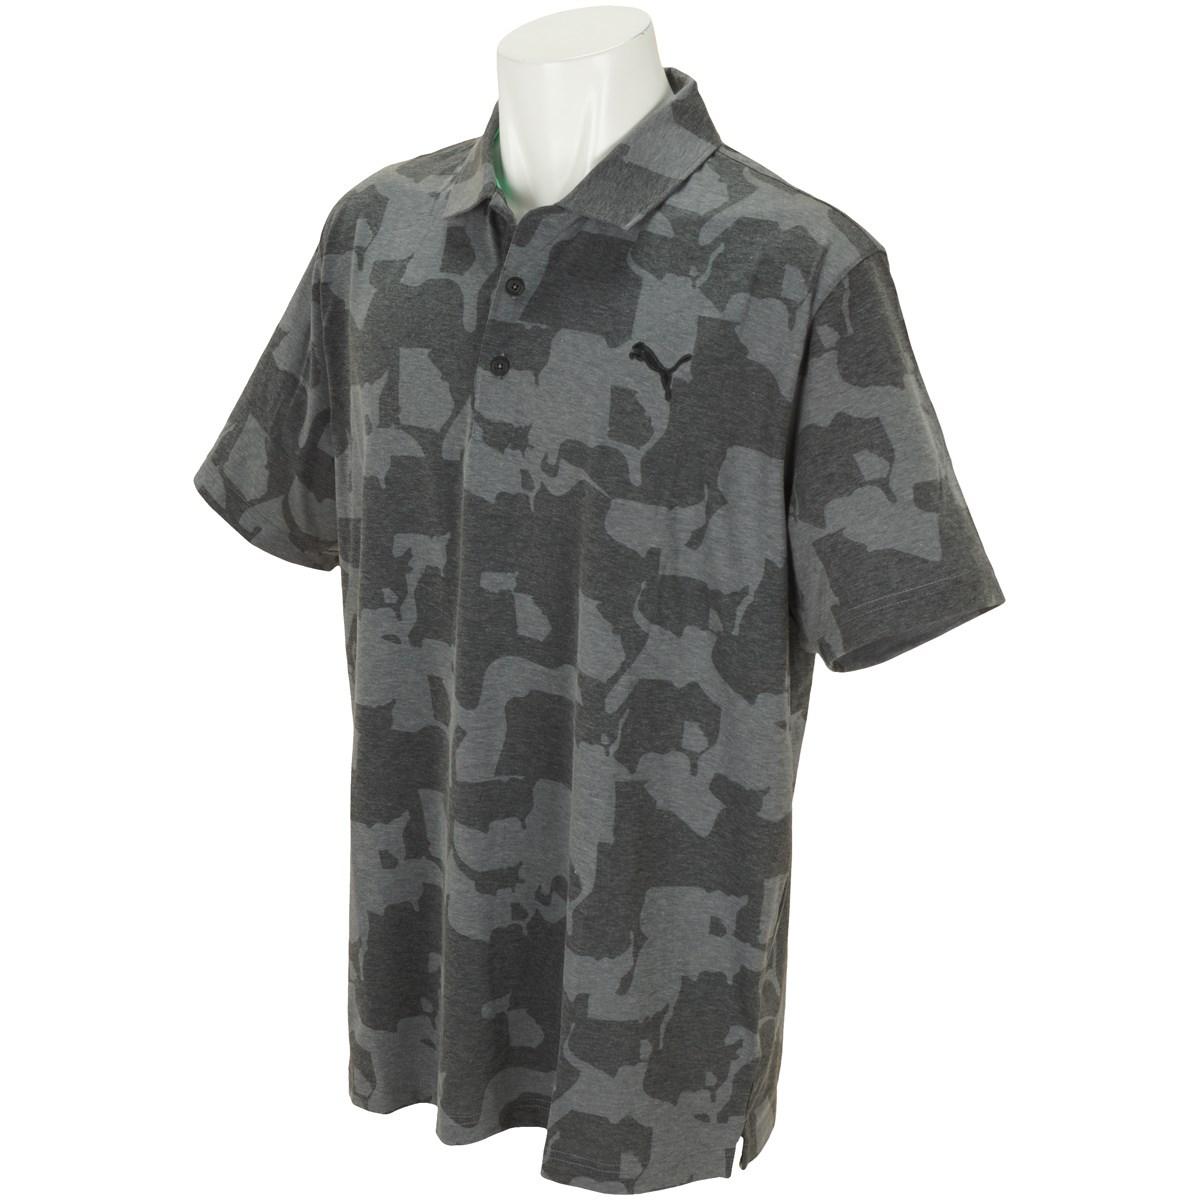 プーマ(PUMA) ユニオン カモ 半袖ポロシャツ